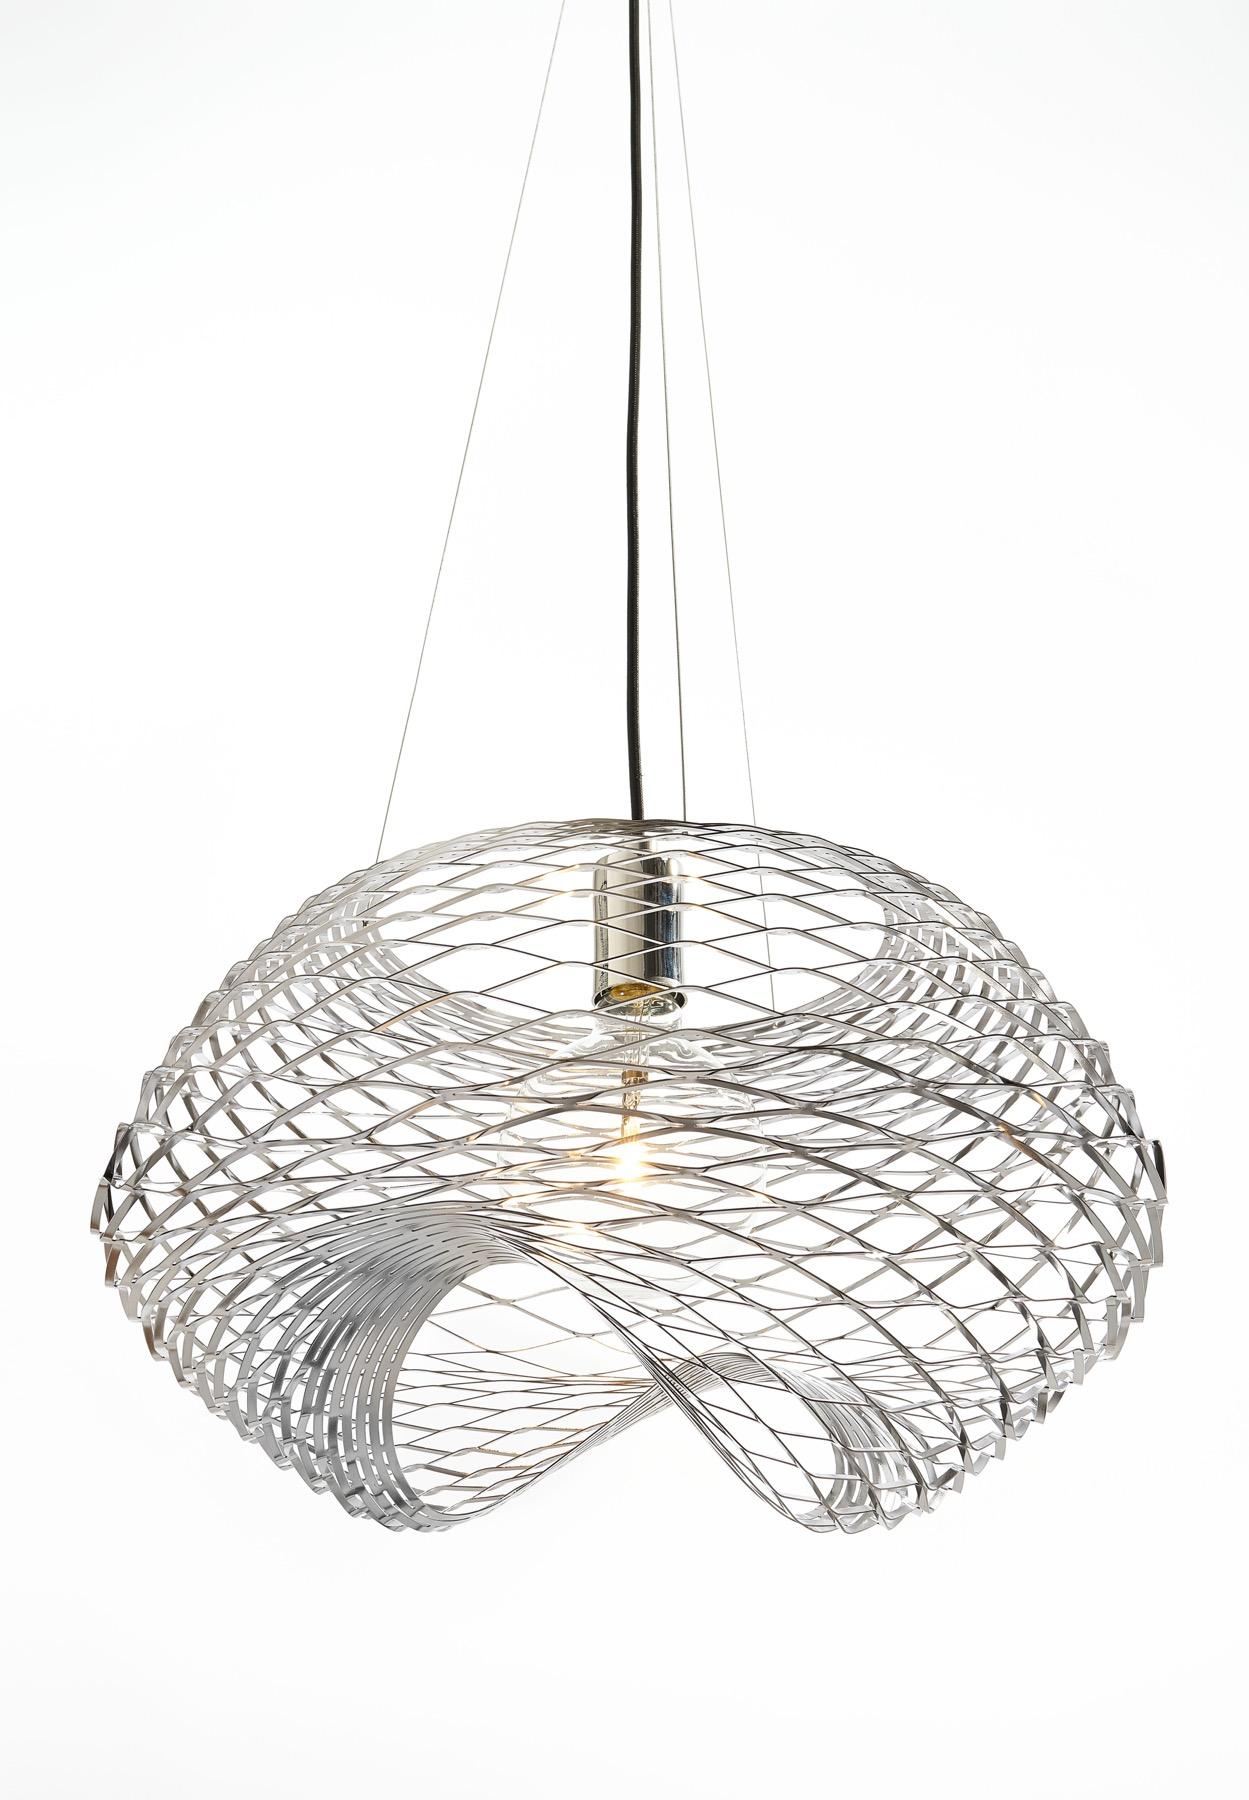 03 ZAVA Sospensione NET LIGHT by Paolo Ulian 3